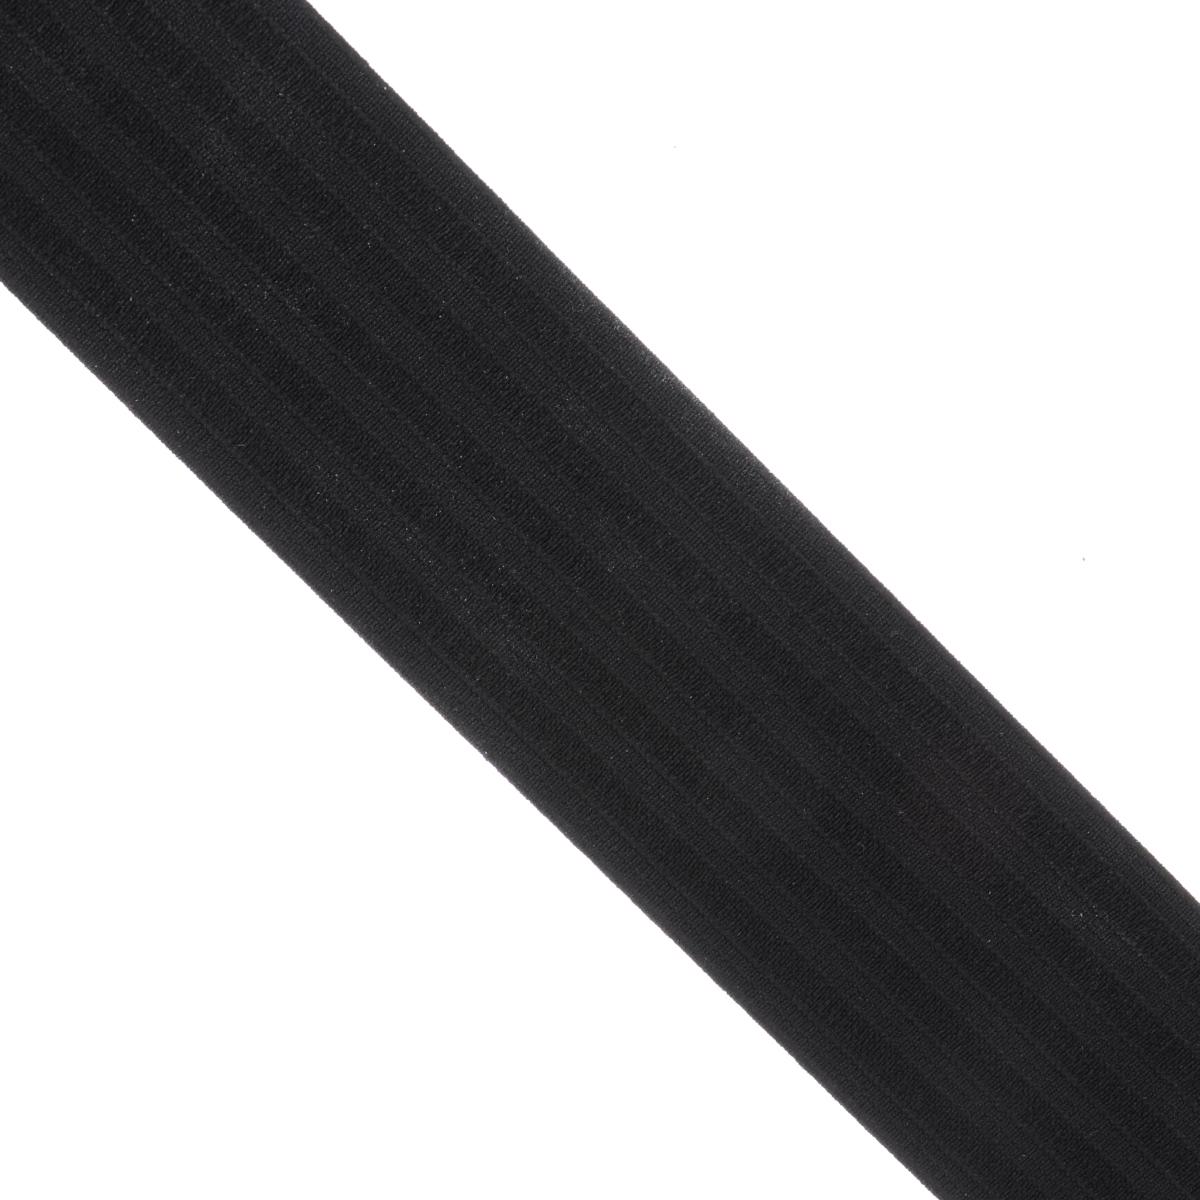 Лента эластичная Prym, для уплотнения шва, цвет: черный, ширина 4 см, длина 10 м09840-20.000.00Эластичная лента Prym предназначена для уплотнения шва. Выполнена из полиэстера (80%) и эластомера (20%). Ткань прочная, стабильная, облегчает равномерное притачивание внутренней отделки.Длина ленты: 10 м.Ширина ленты: 4 см.